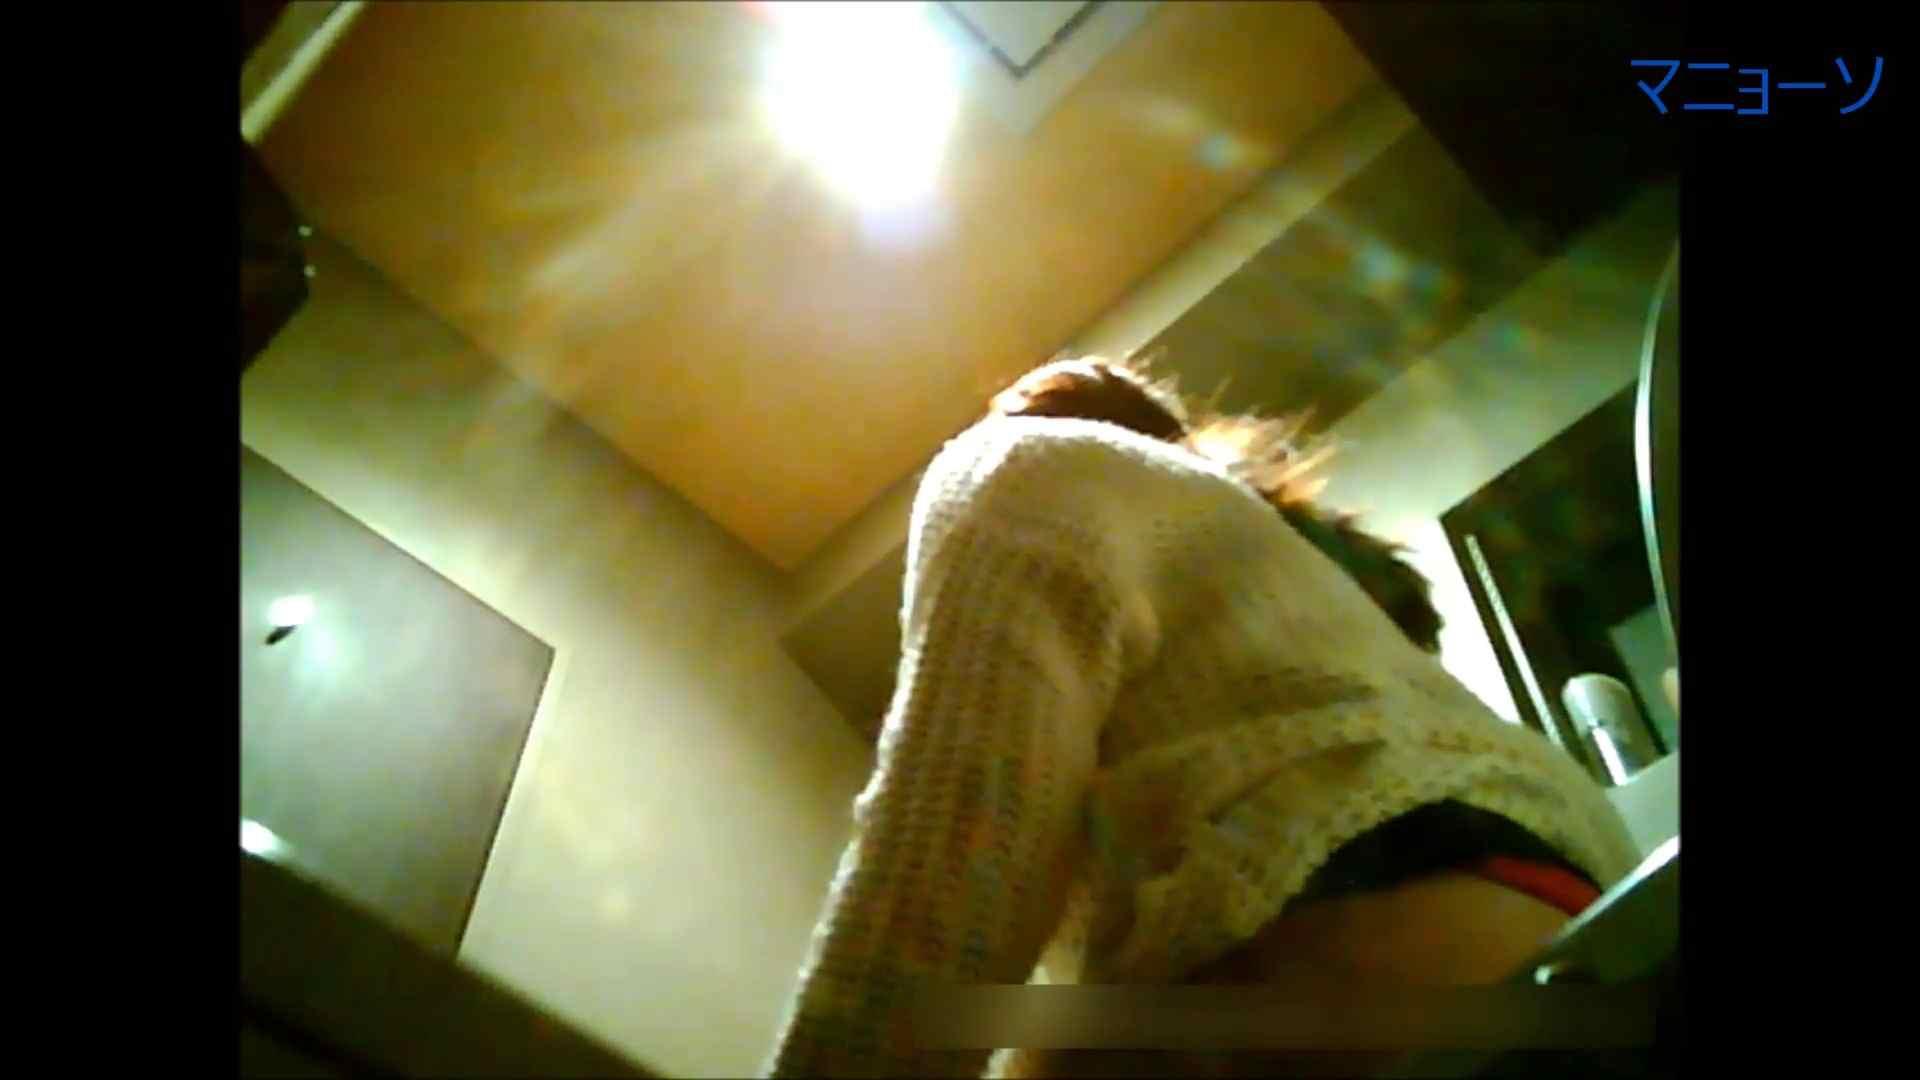 トイレでひと肌脱いでもらいました (JD編)Vol.02 トイレ  80pic 8